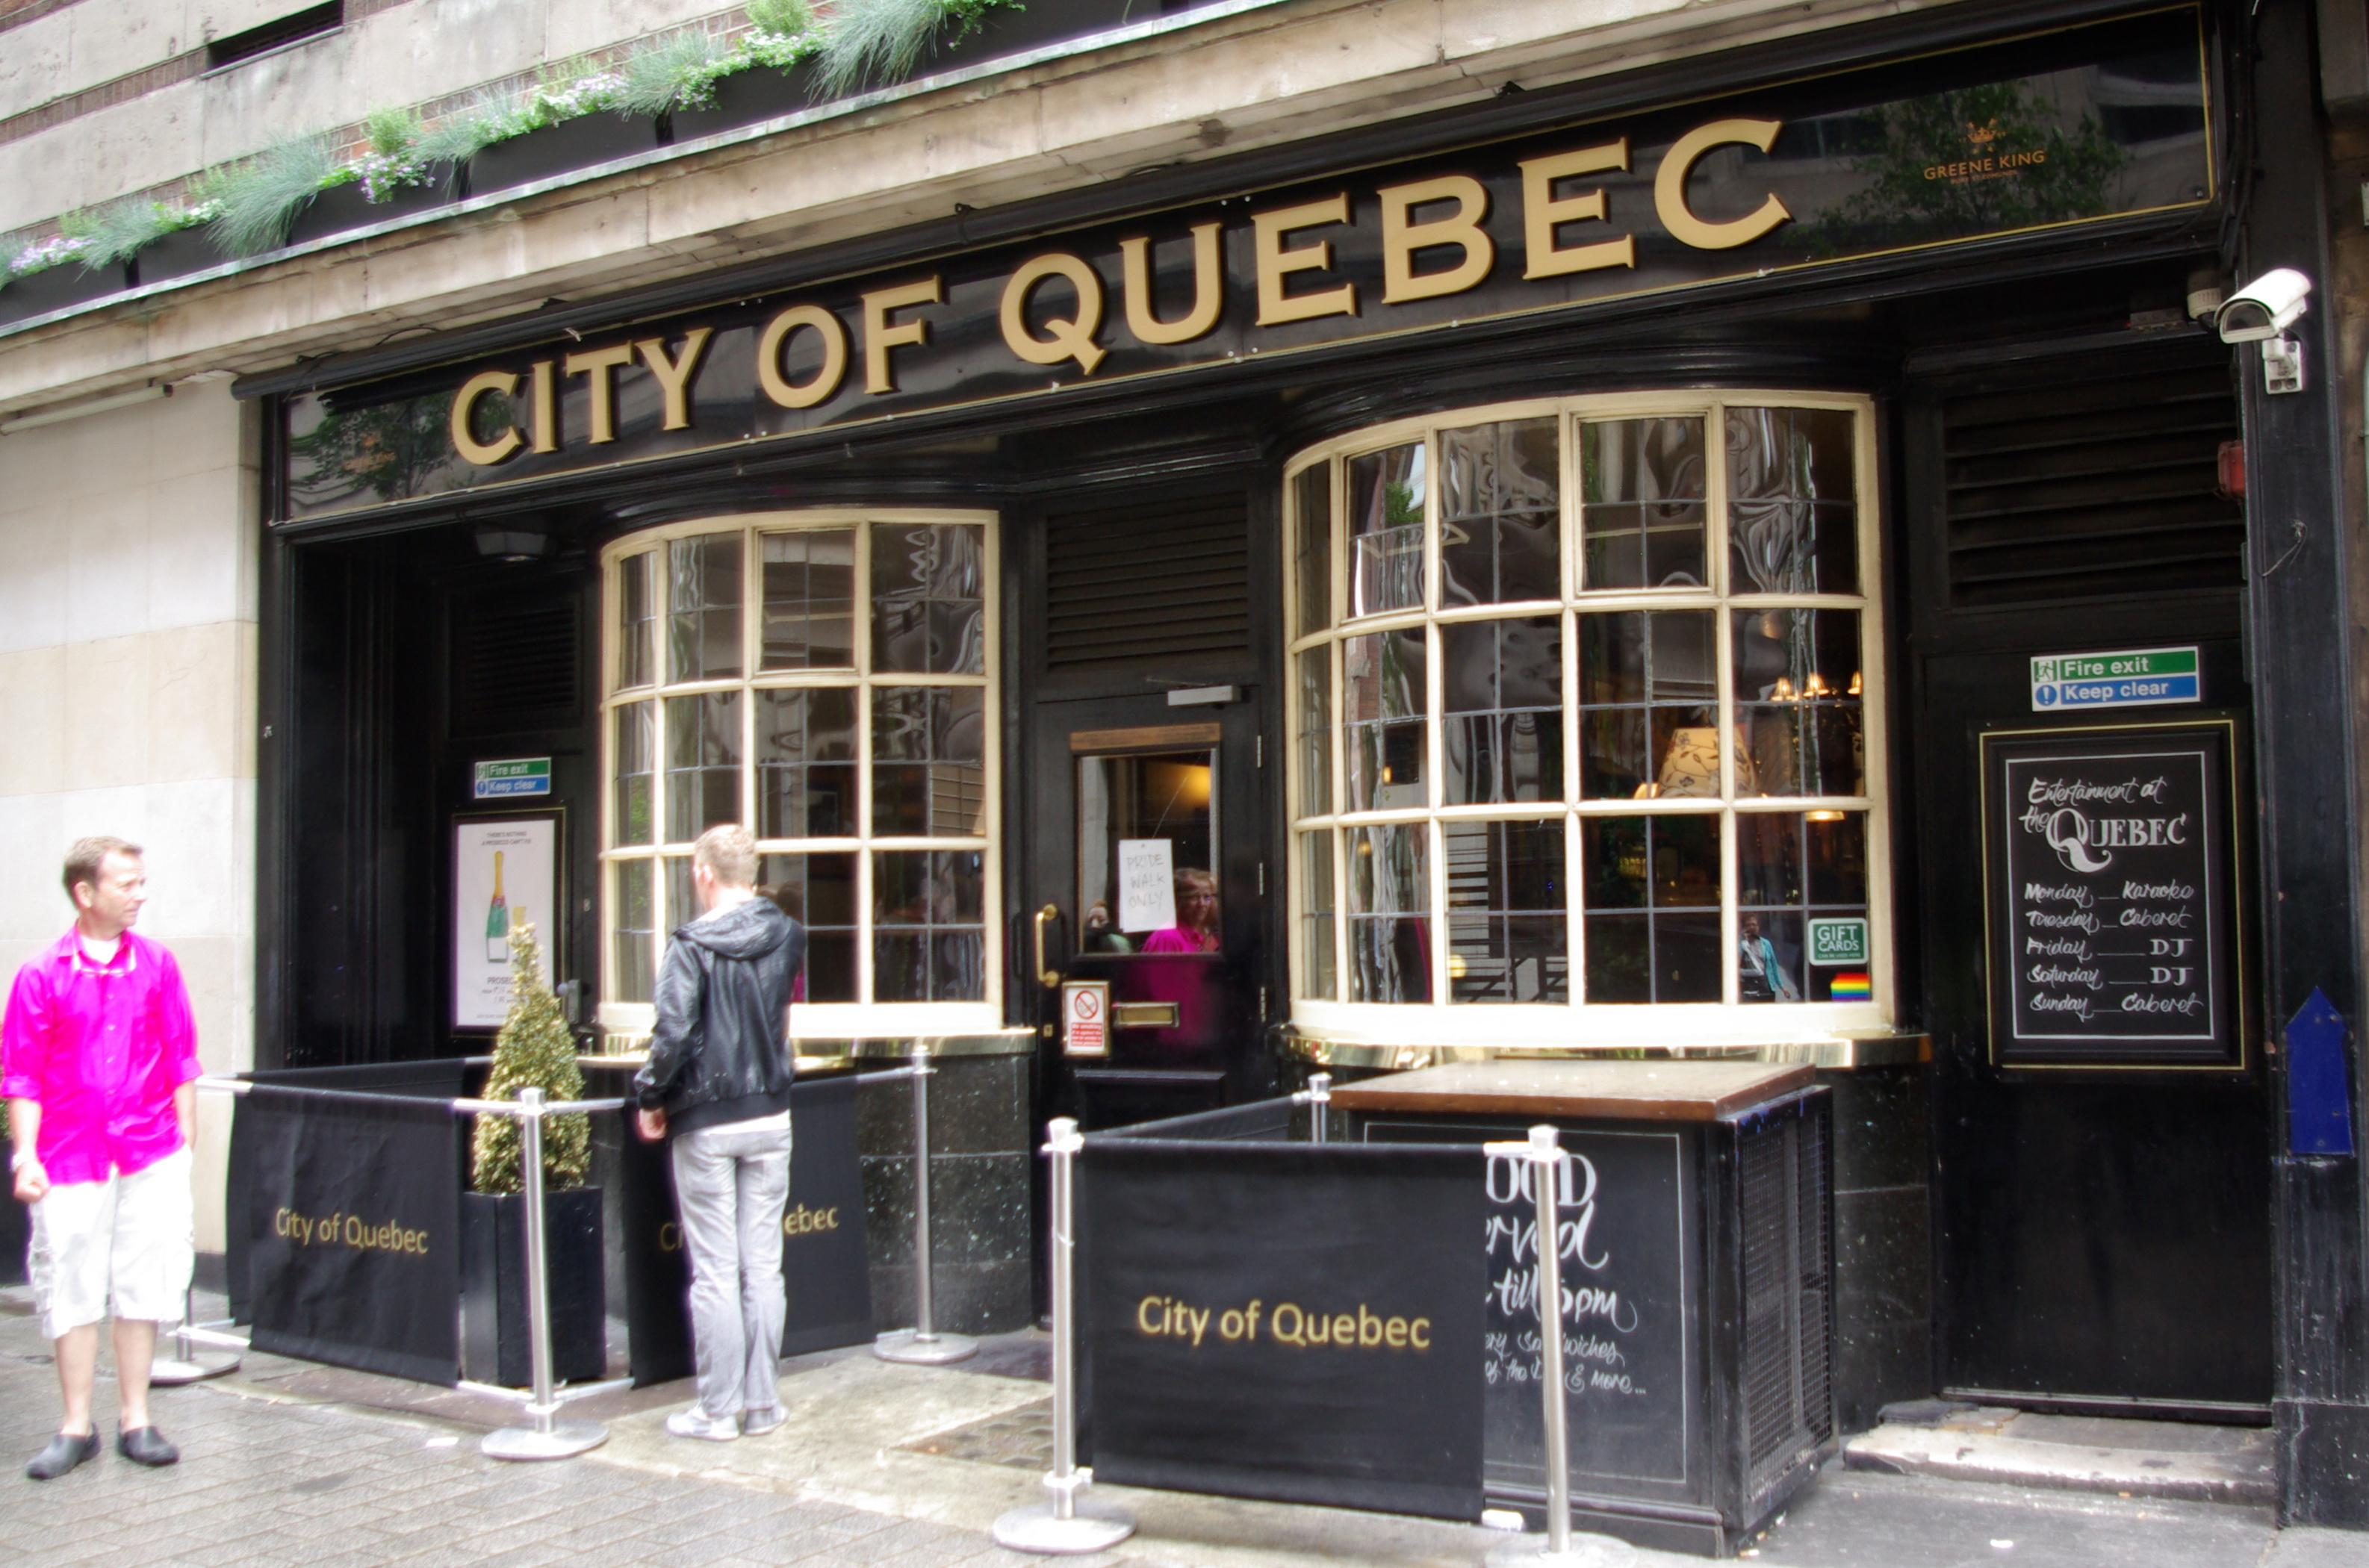 City of Quebec pub